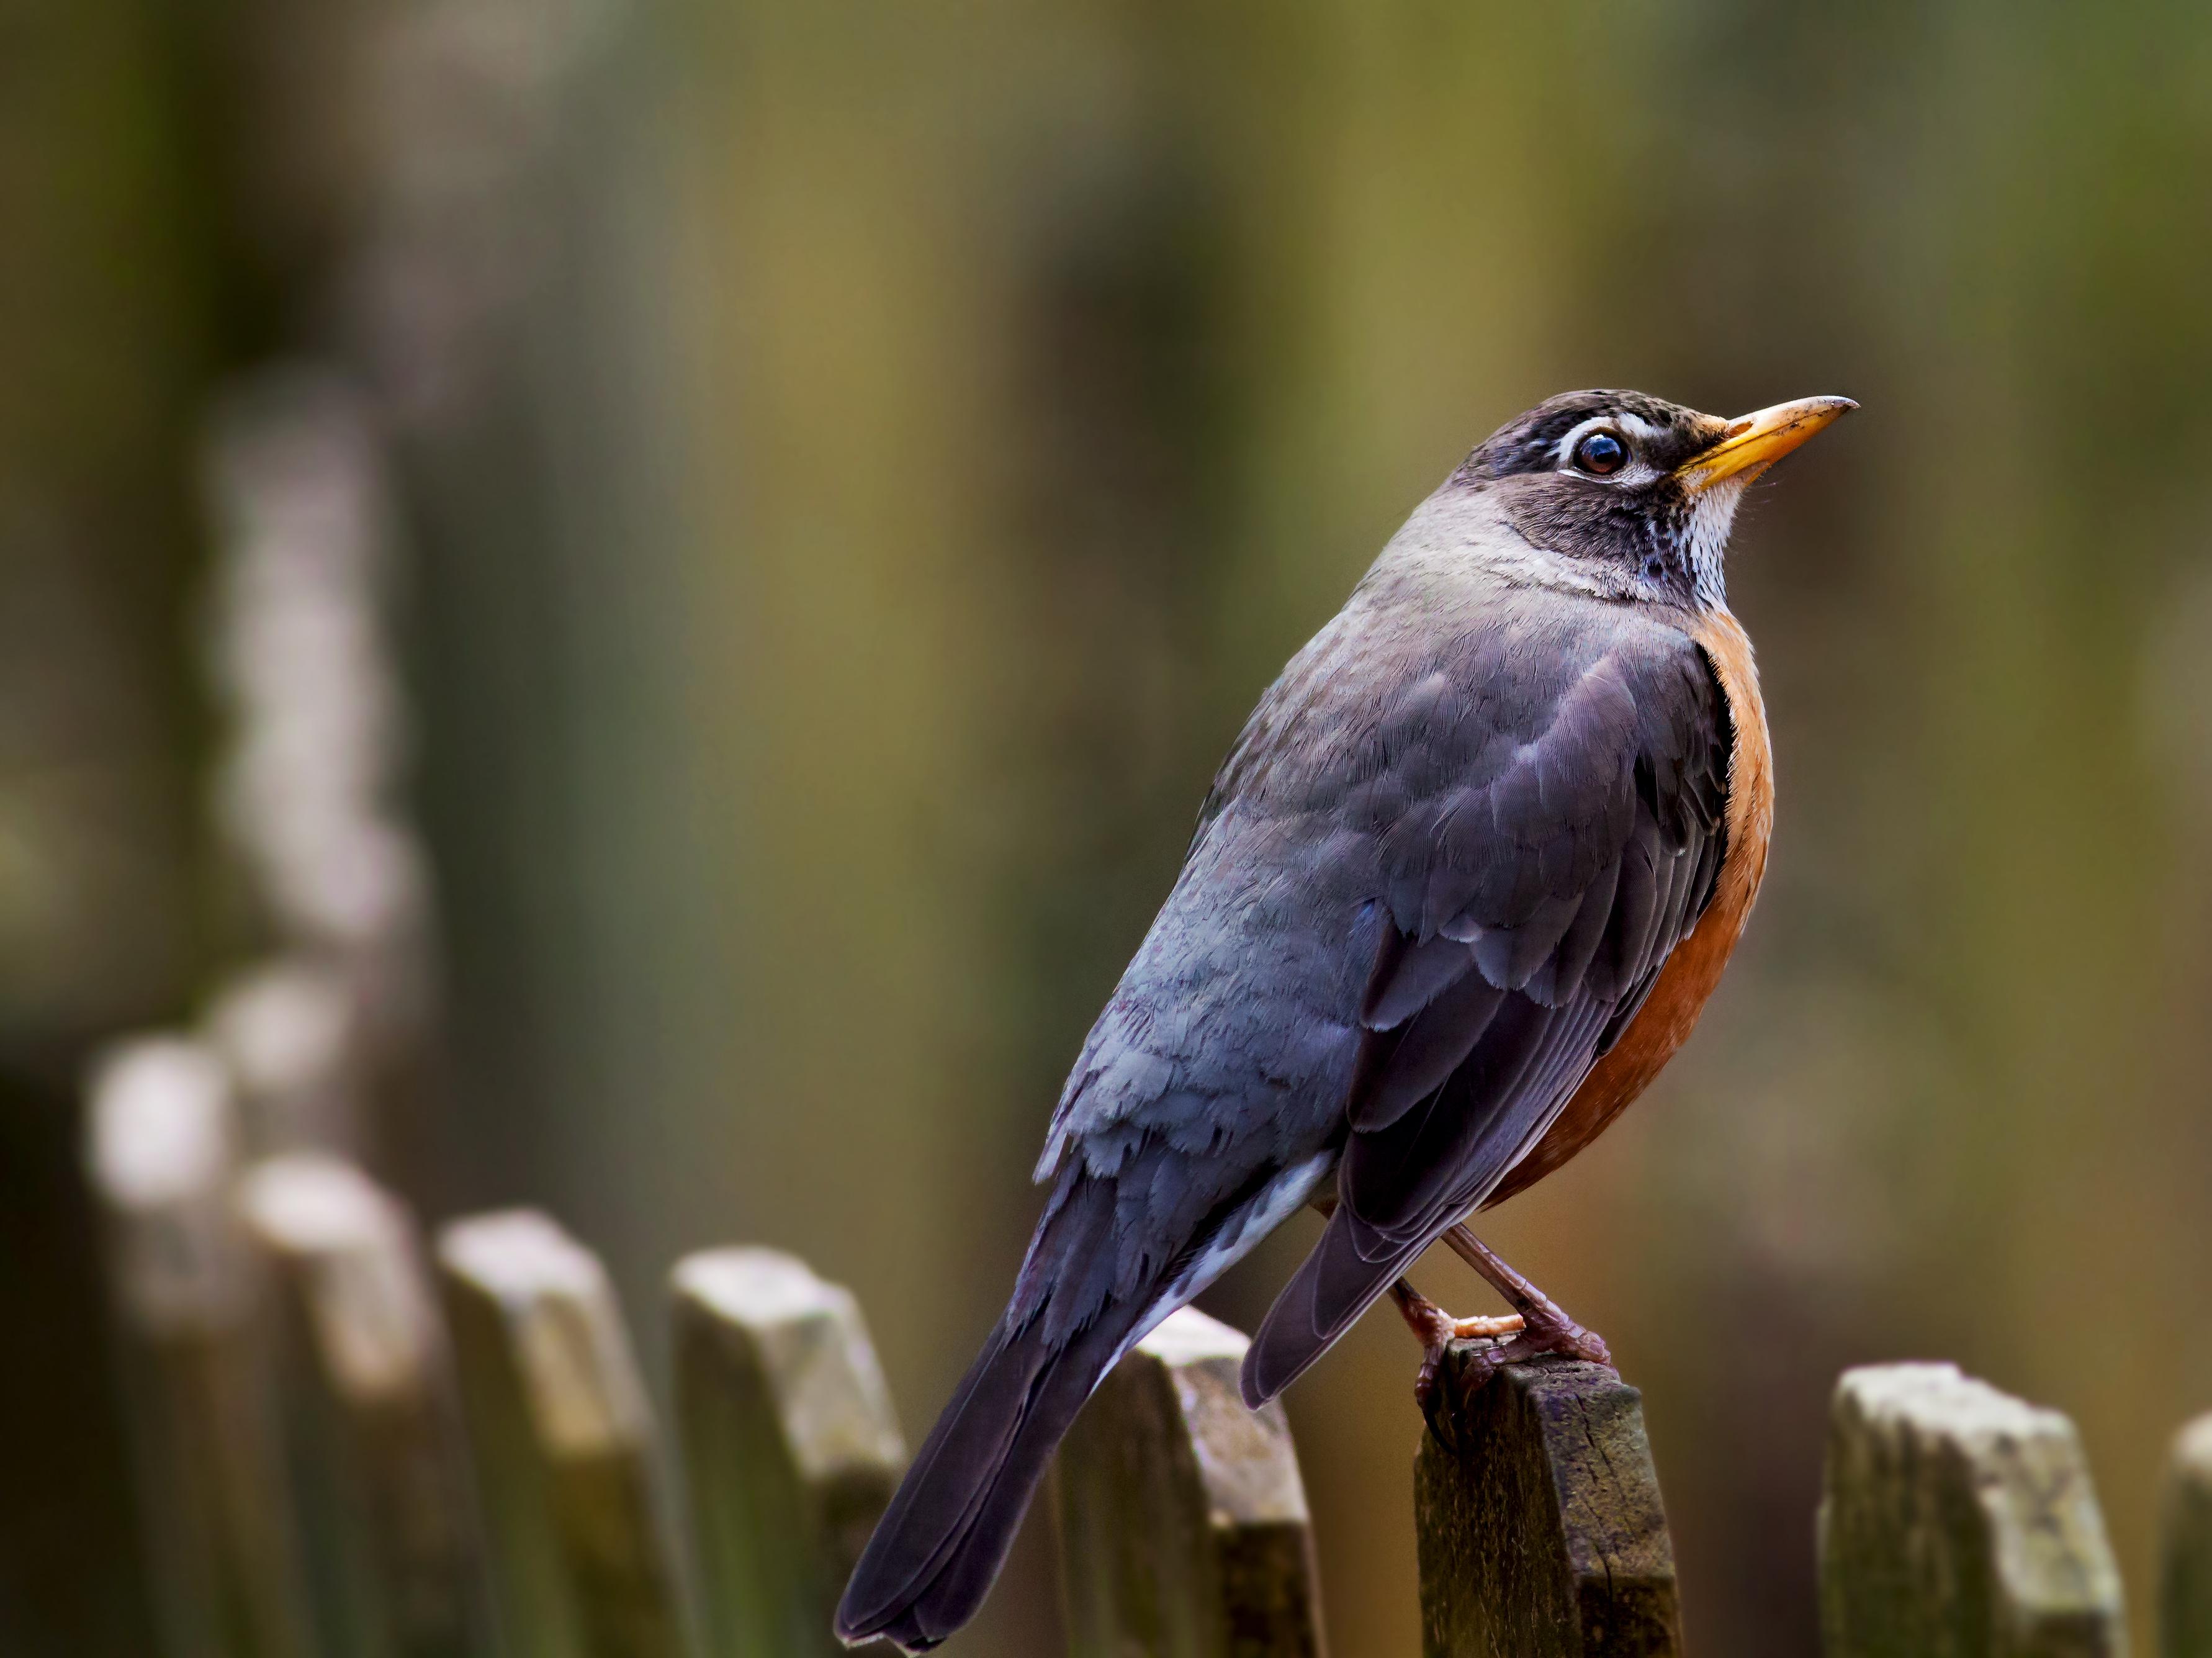 American Robin by rctfan2